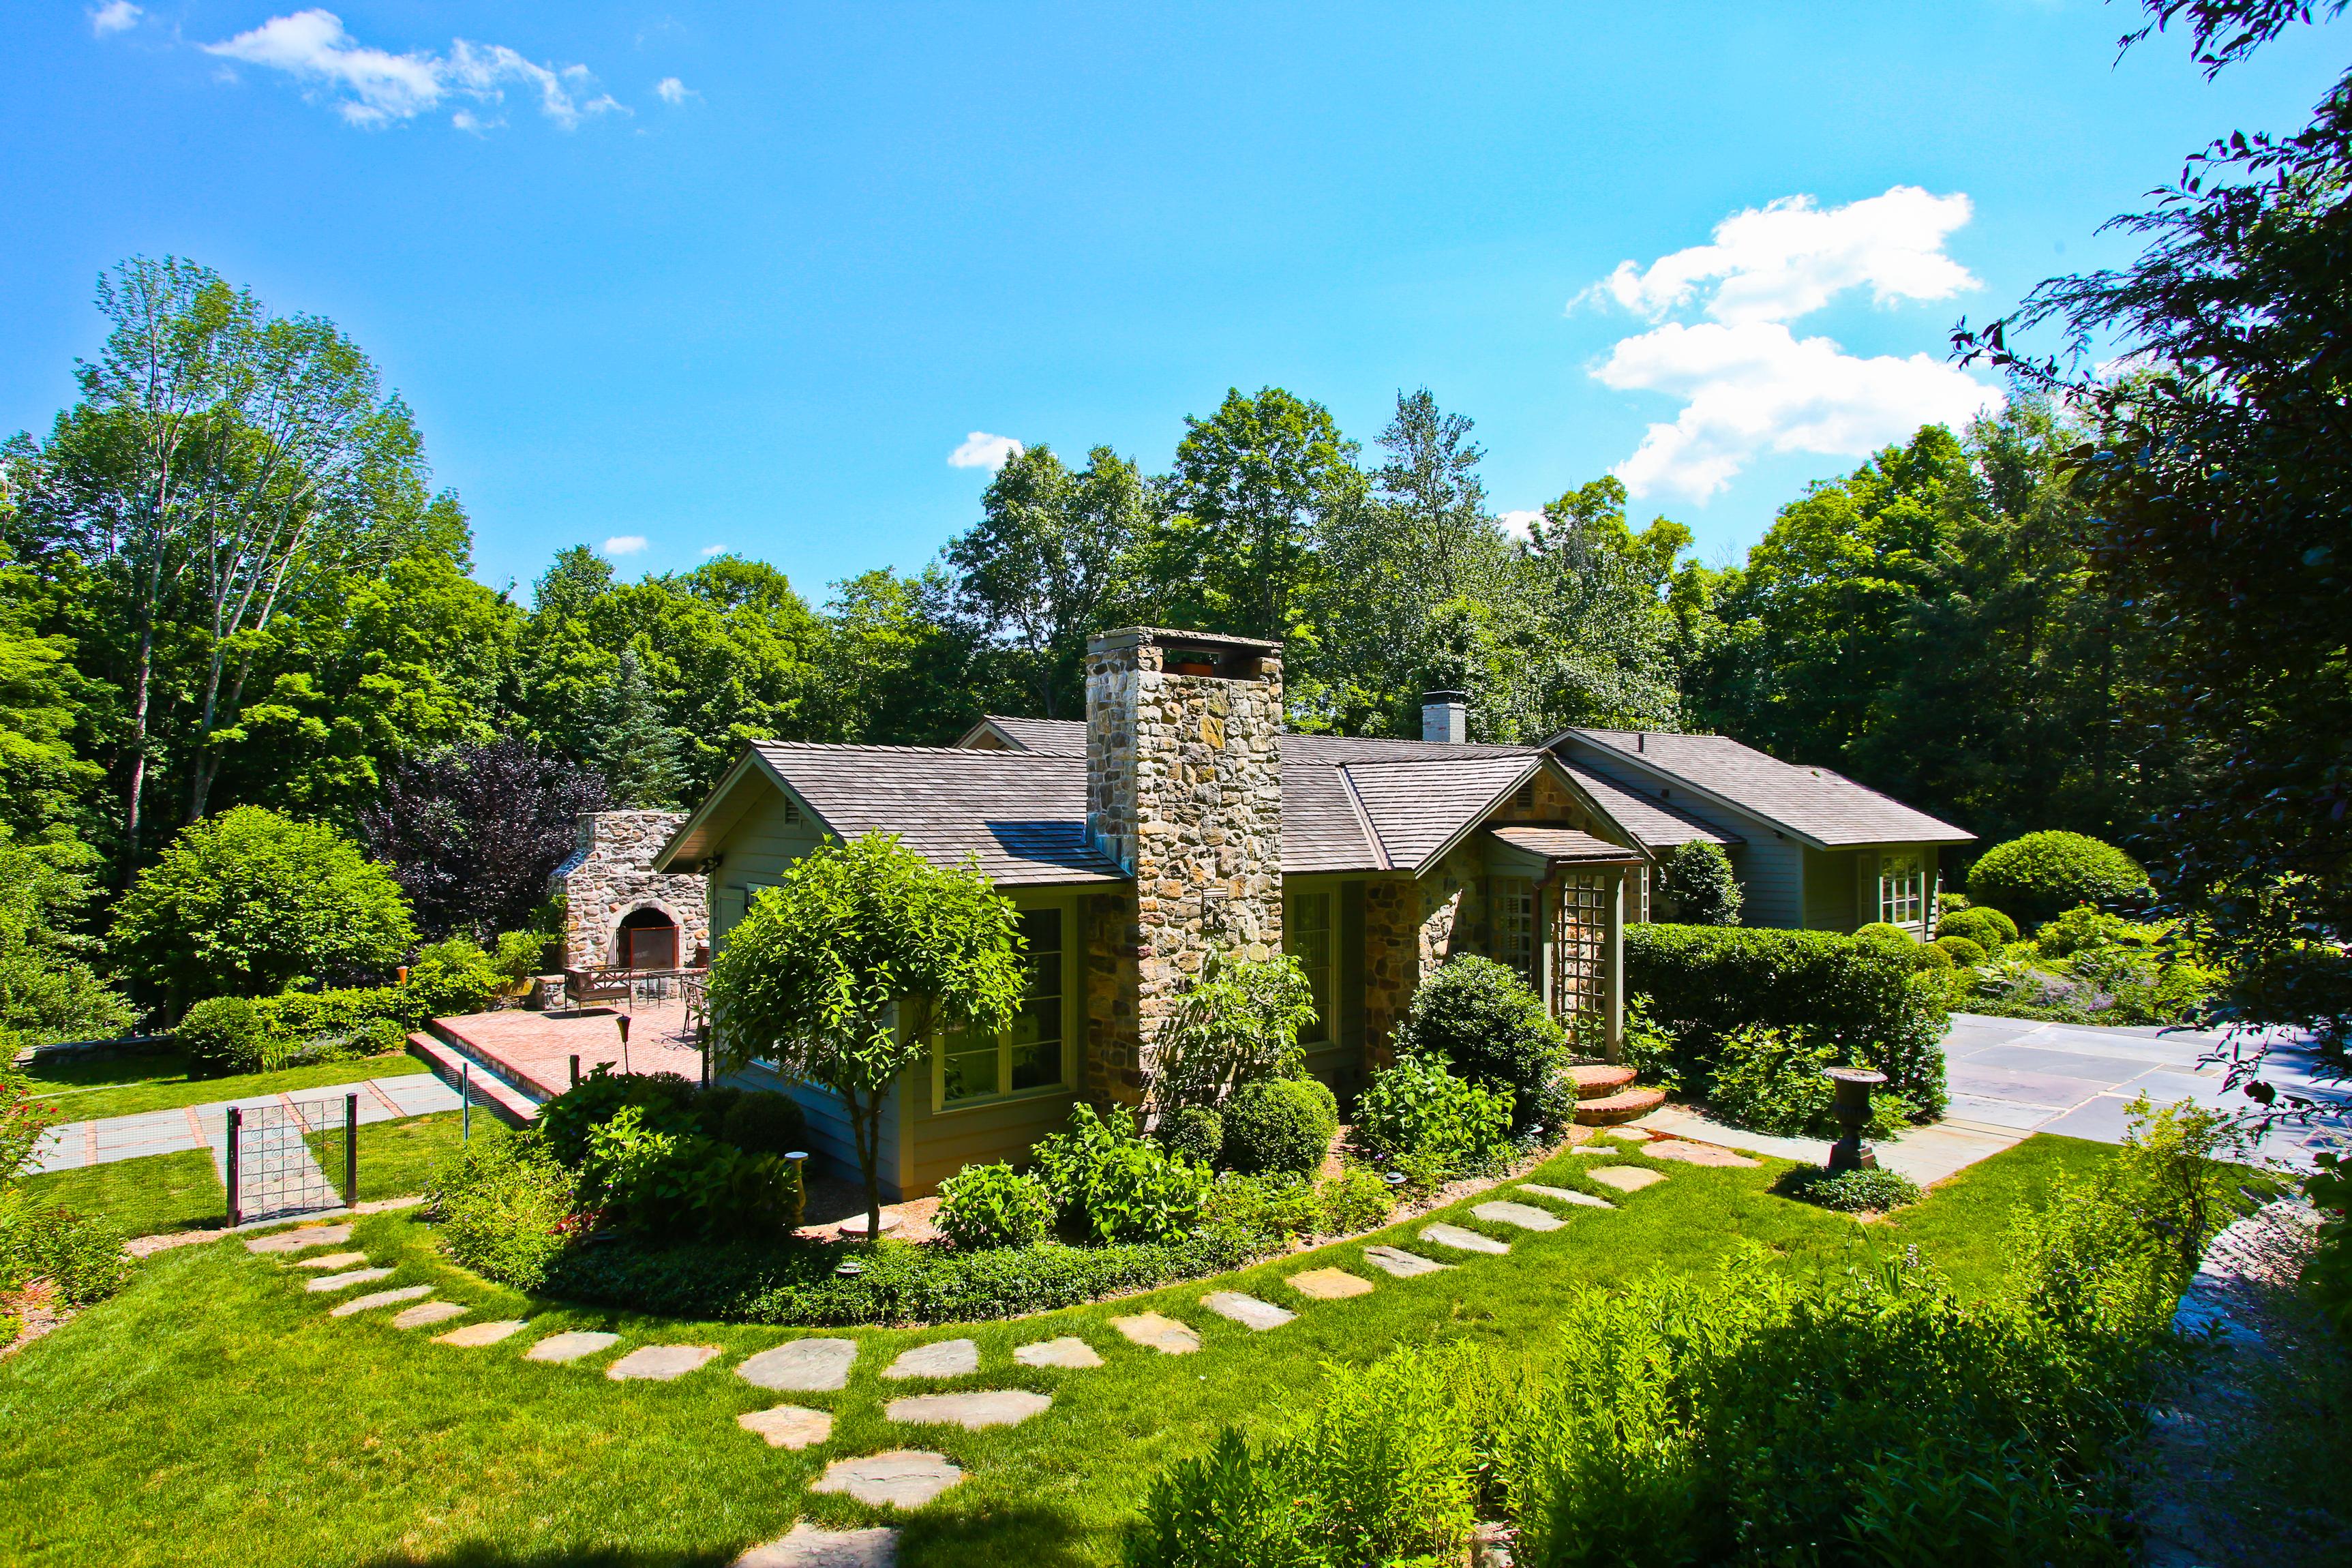 独户住宅 为 销售 在 Timeless and Elegant 布里奇沃特, 康涅狄格州, 06752 美国